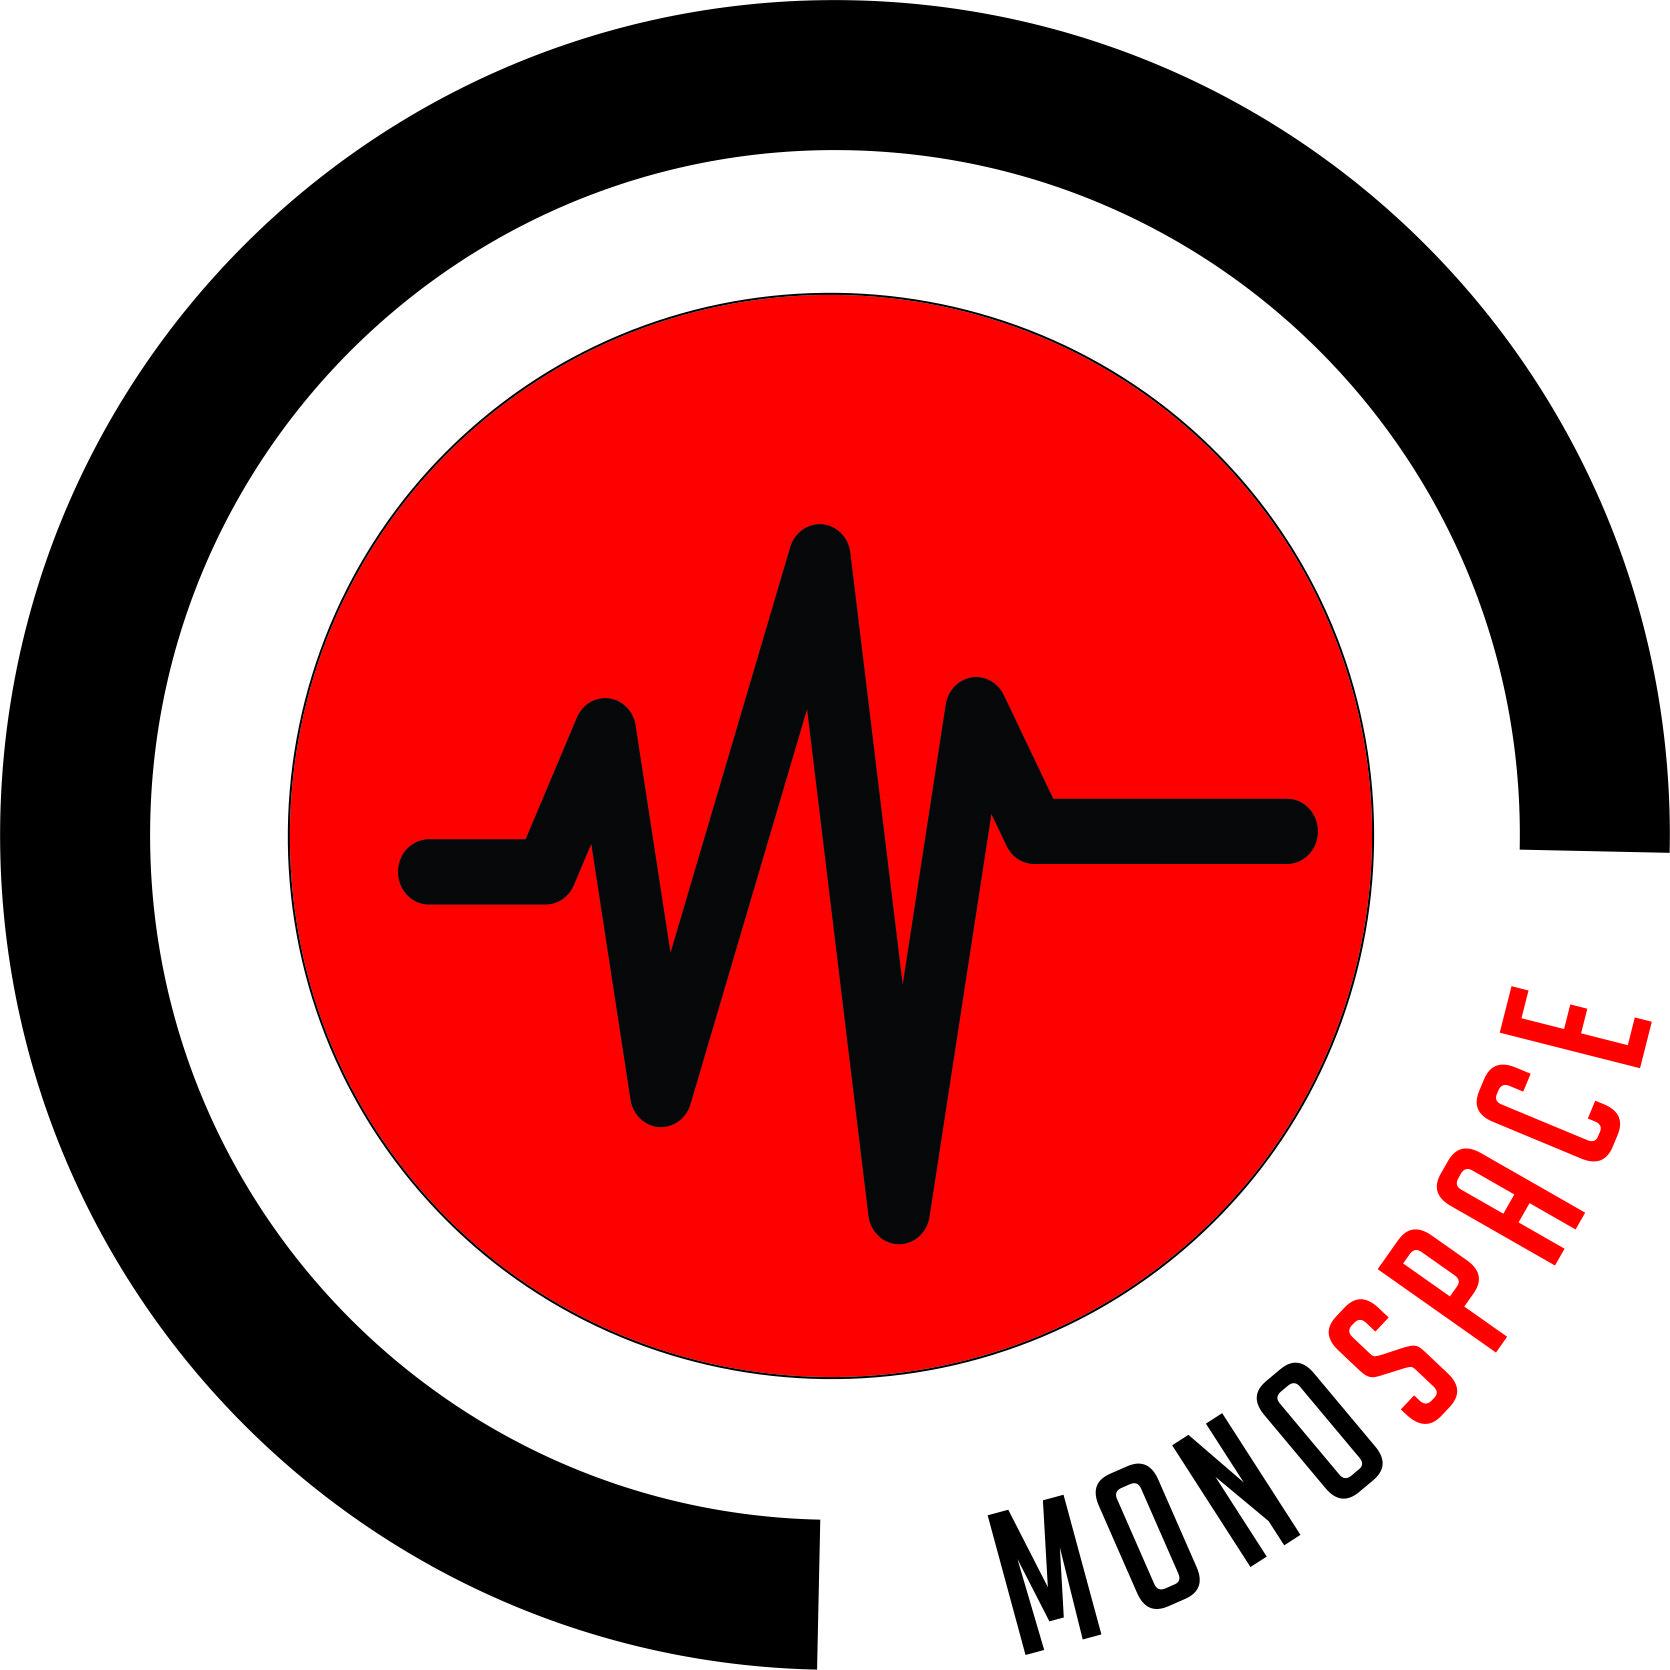 LOGO MONOSPACE V2.jpg